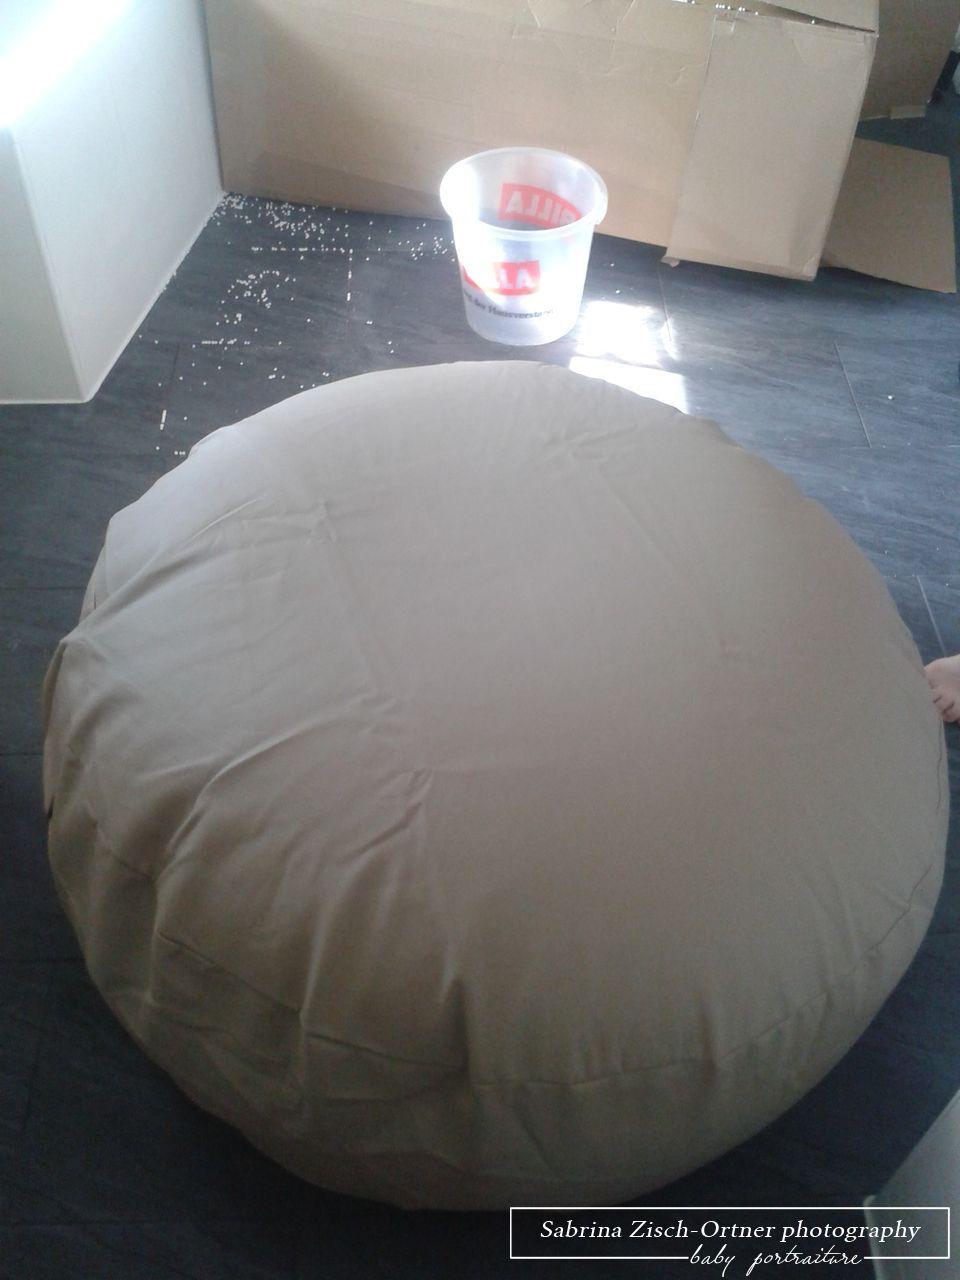 Fertig mit Styroporkügelchen befüllte Beanbag